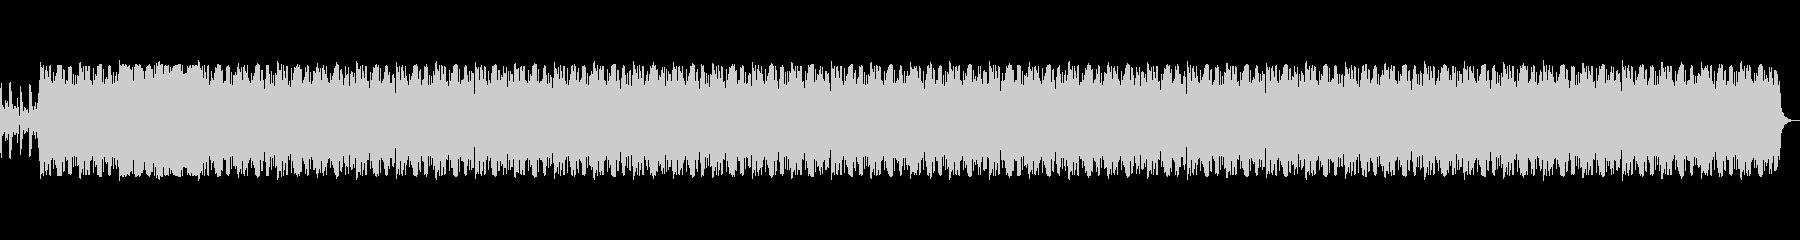 大河時代劇風BGMの未再生の波形